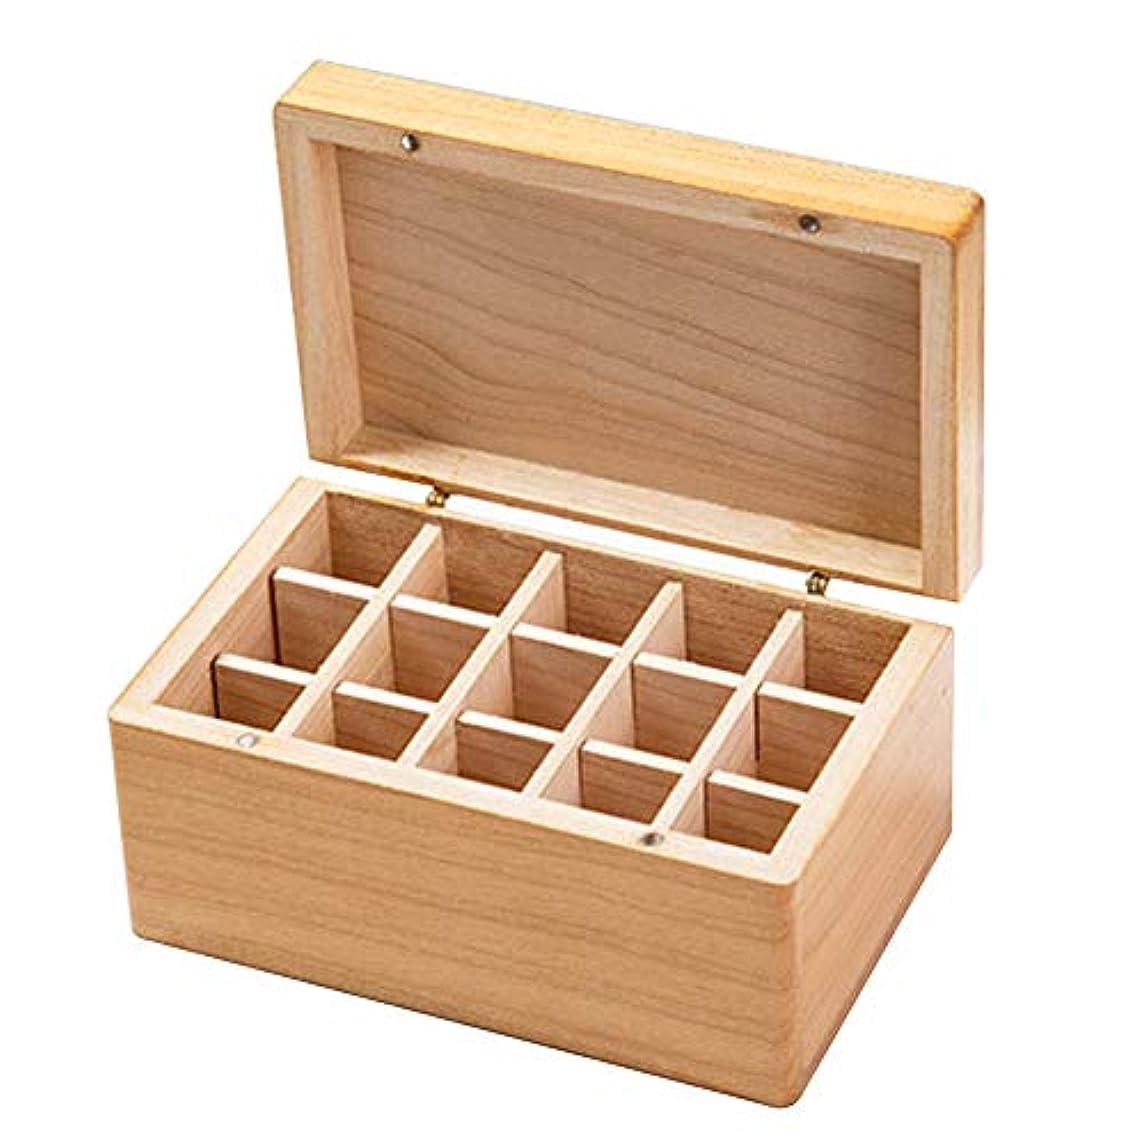 ぶら下がるコントロールキリマンジャロエッセンシャルオイル木製収納ボックス、天然木素材コンパートメント耐久性のあるボトル注文したグリッド構造環境に優しいディスプレイケース